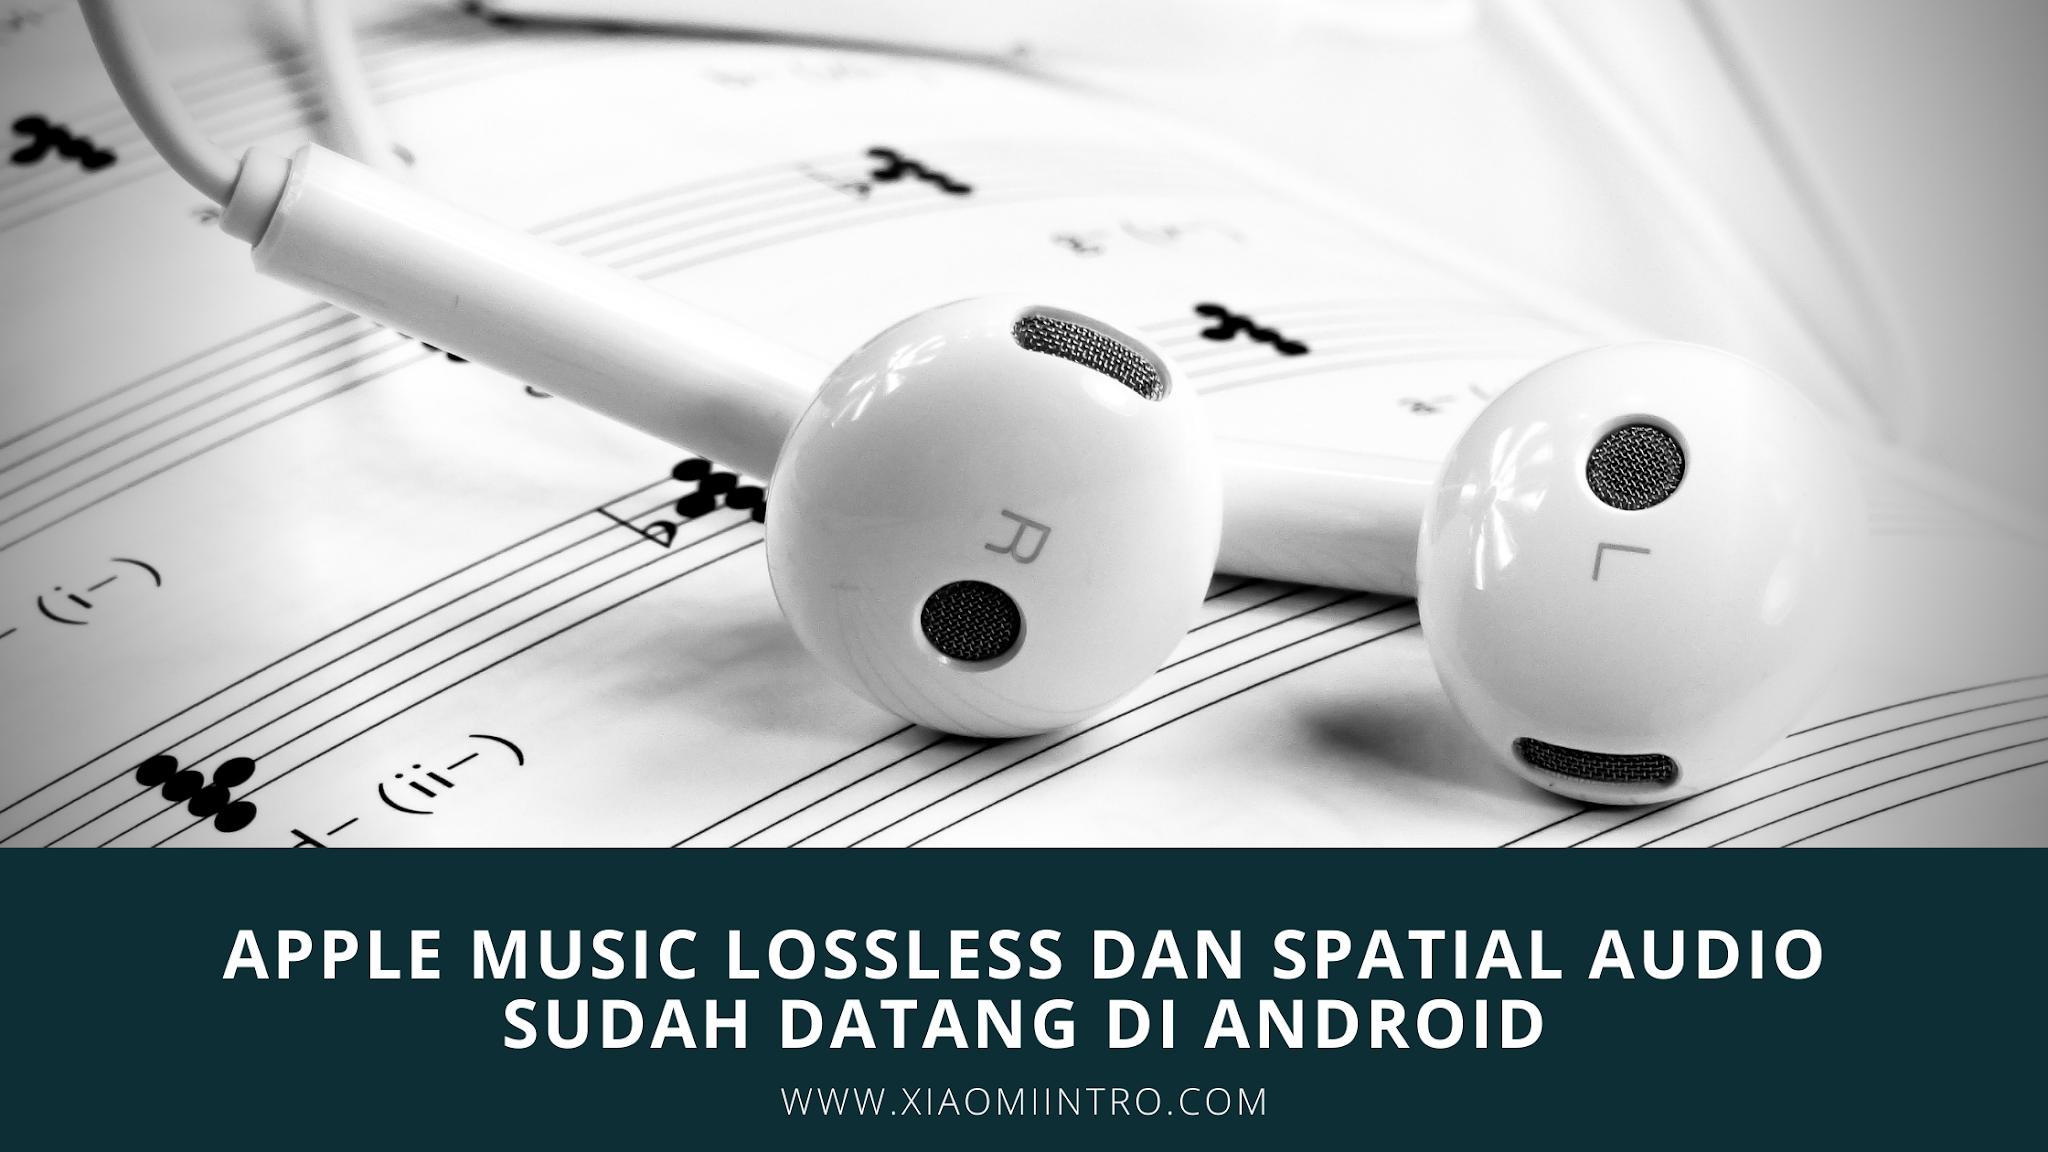 Apple Music Lossless Dan Spatial Audio Sudah Datang Di Android